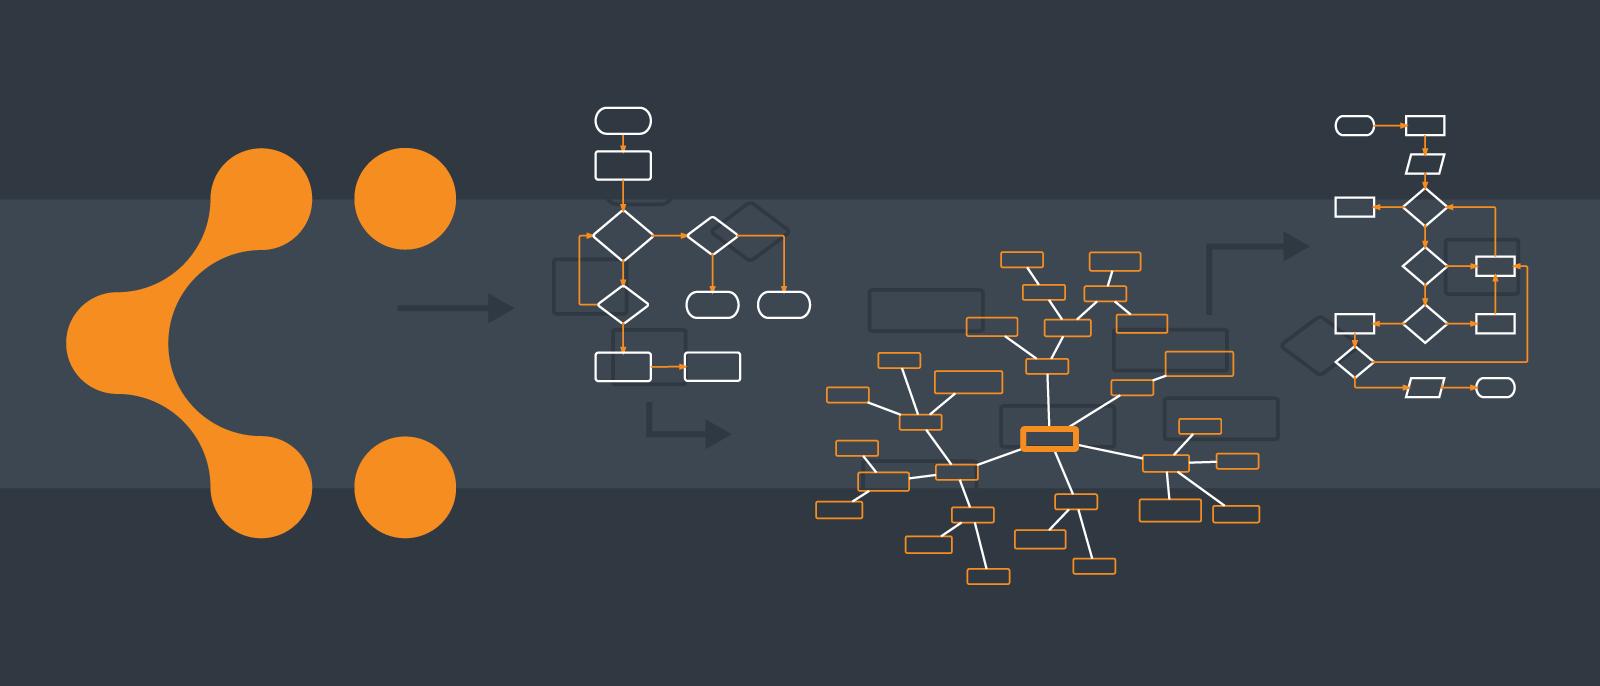 company culture diagrams